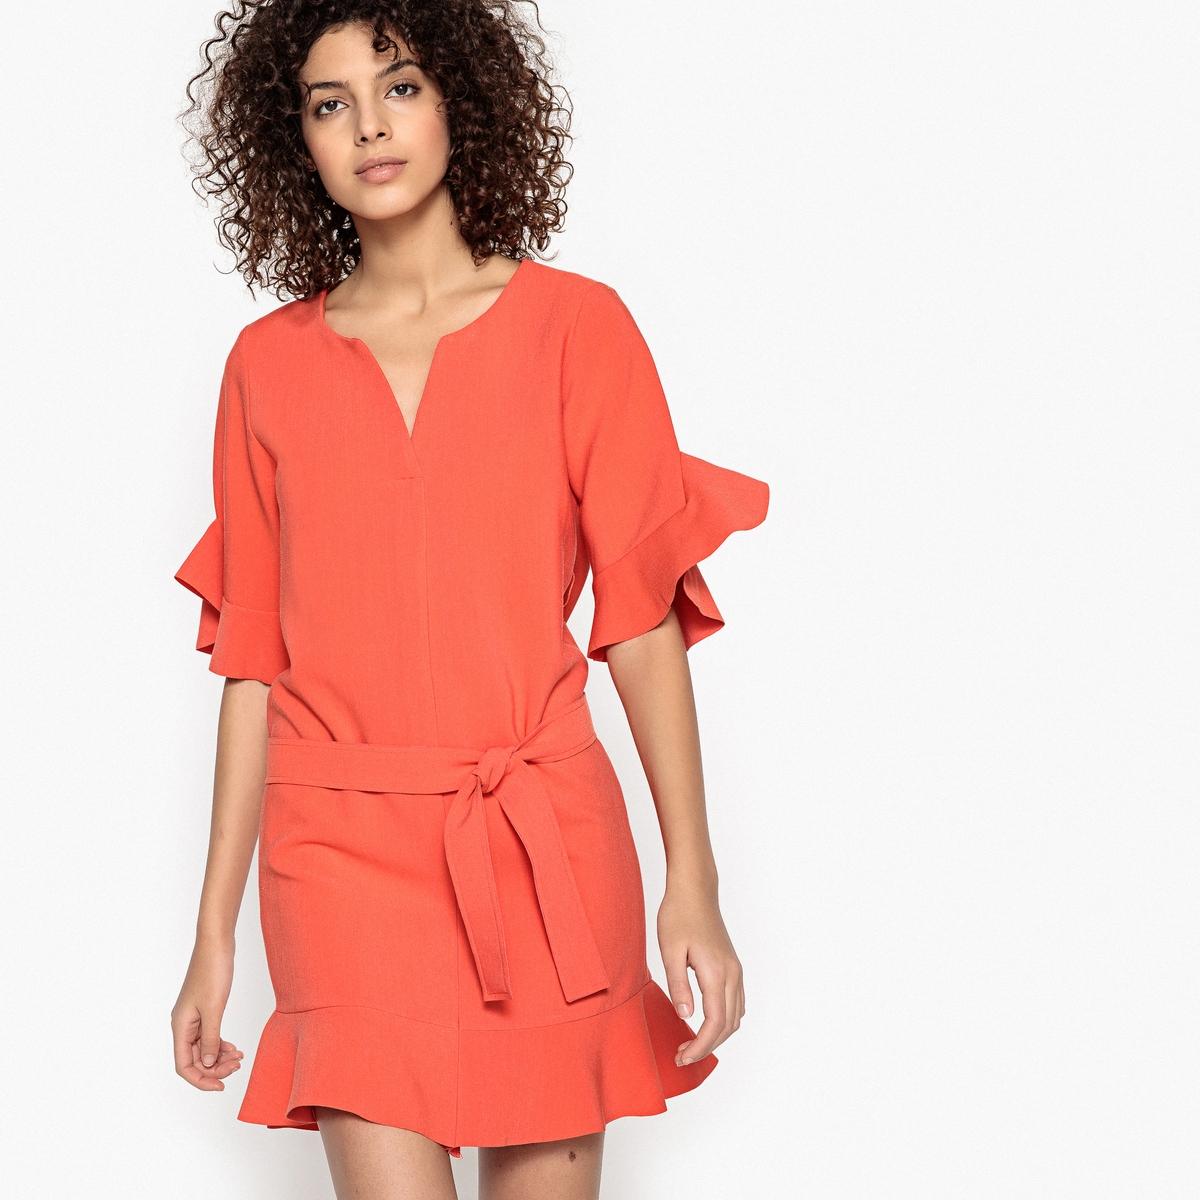 Платье короткое с воланами CALLISTEДетали •  Форма : прямая •  Укороченная модель •  Короткие рукава    •   V-образный вырезСостав и уход •  23% вискозы, 6% эластана, 71%полиэстера  •  Следуйте рекомендациям по уходу, указанным на этикетке изделия<br><br>Цвет: коралловый